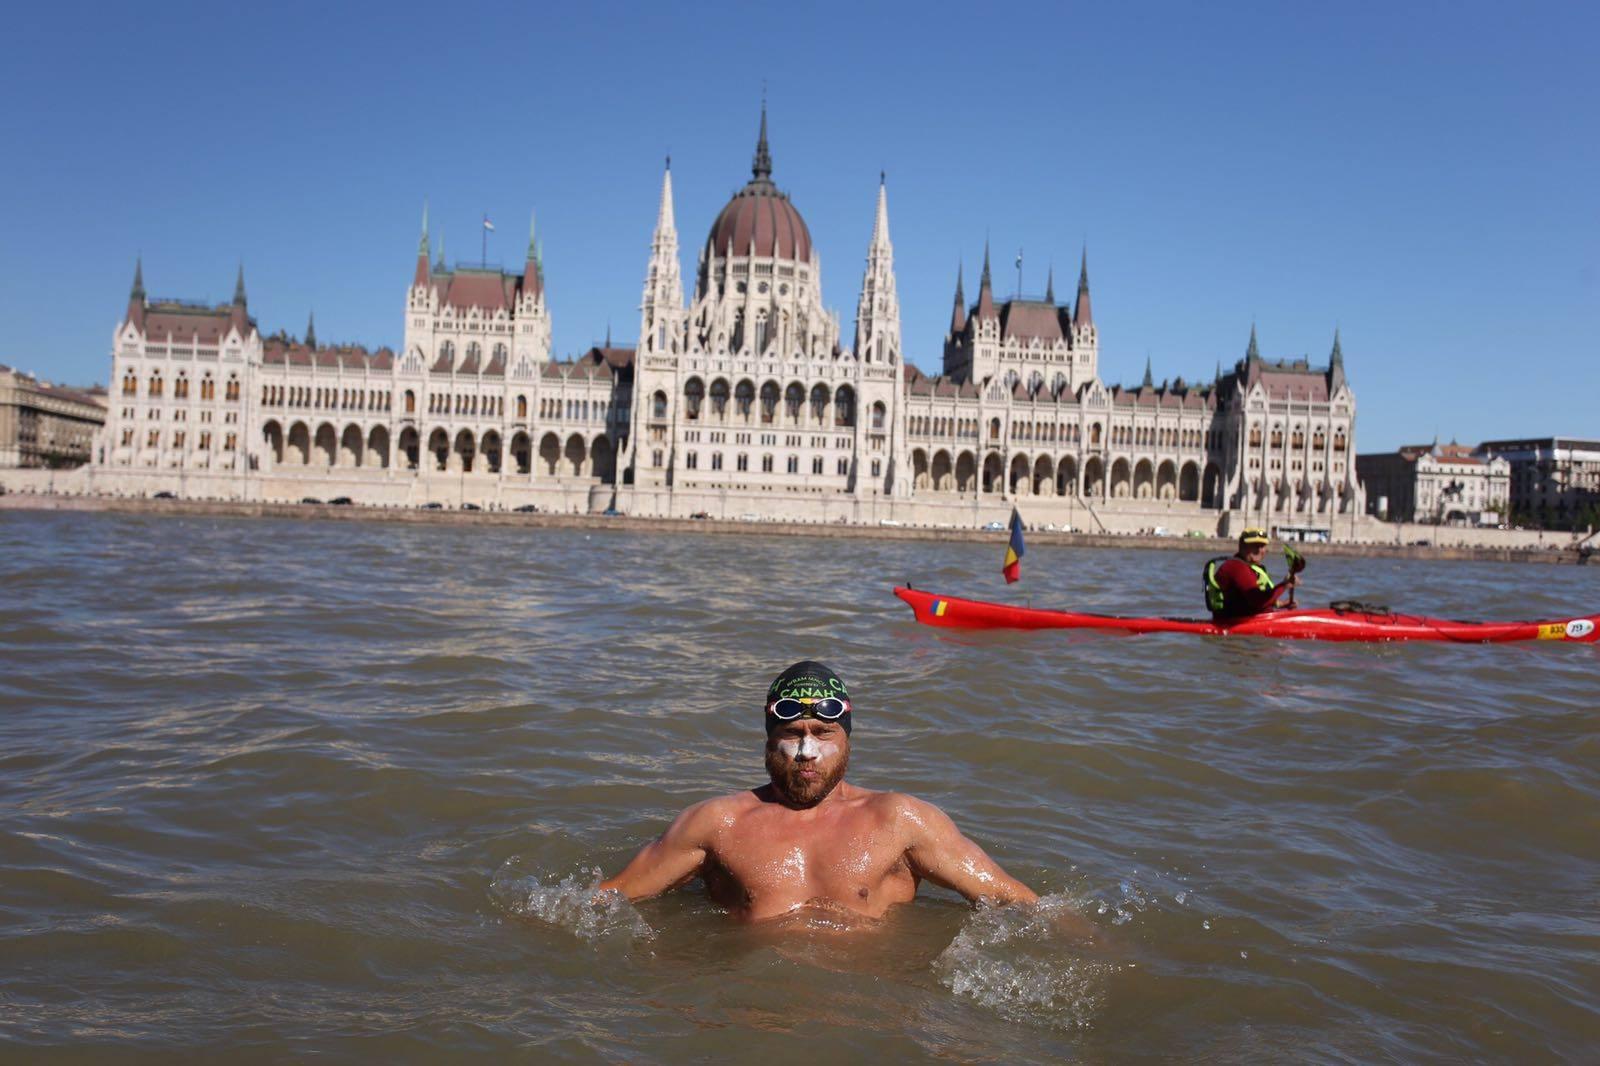 Polisportivul Avram Iancu pornește într-o nouă aventură. Va înota în Lacul Balaton de două ori (150 km) fără întrerupere